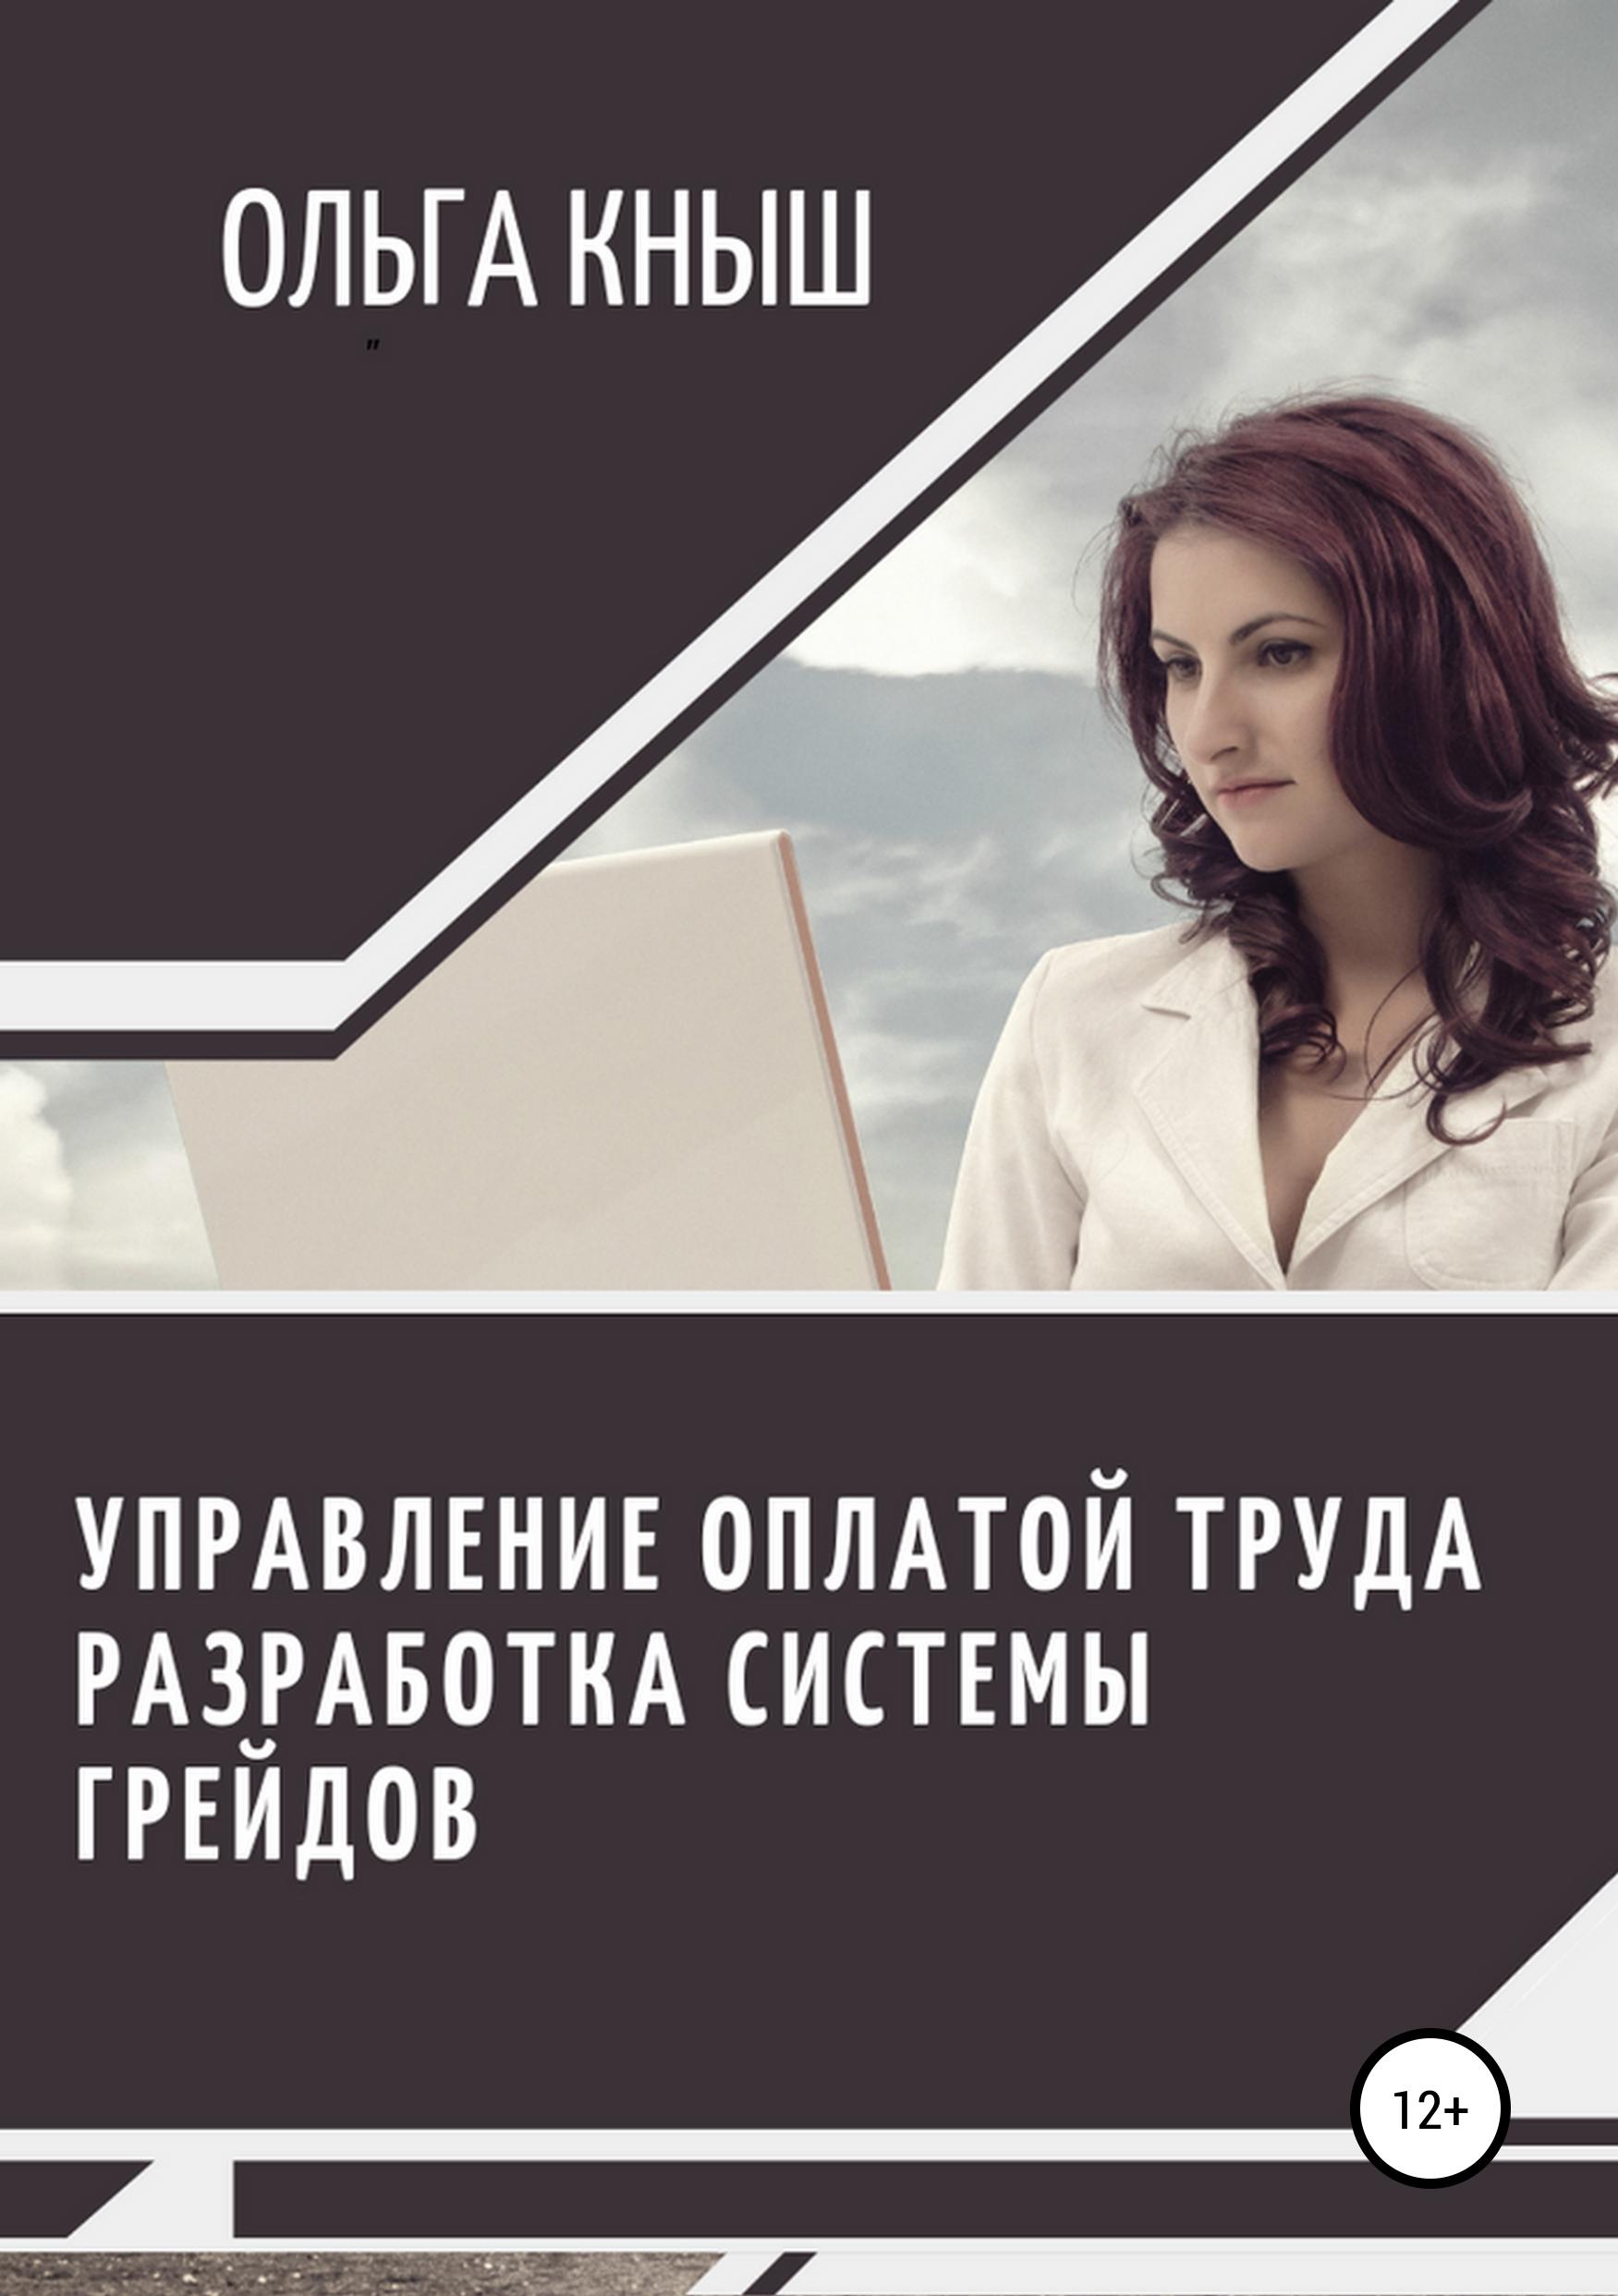 Обложка книги. Автор - Ольга Кныш